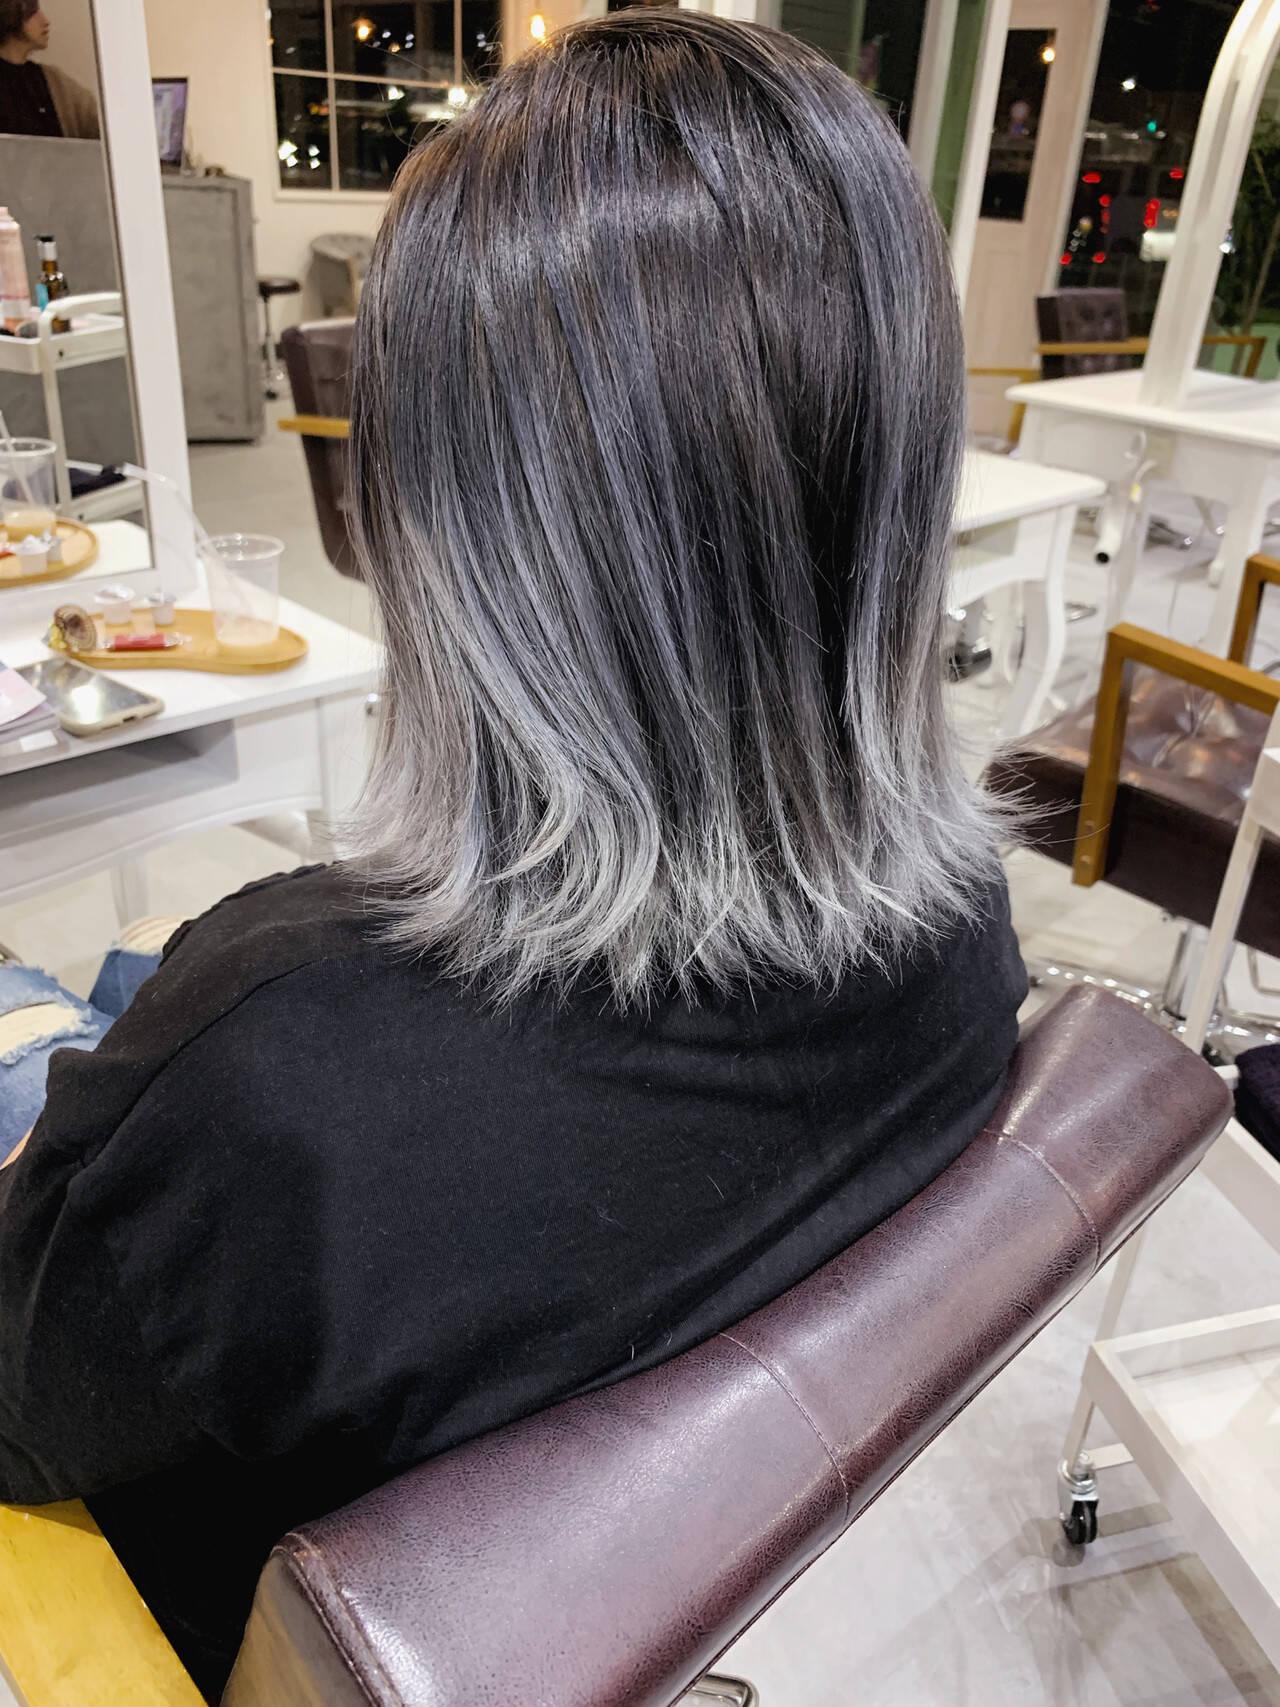 ナチュラル コントラストハイライト バレイヤージュ ハイライトヘアスタイルや髪型の写真・画像